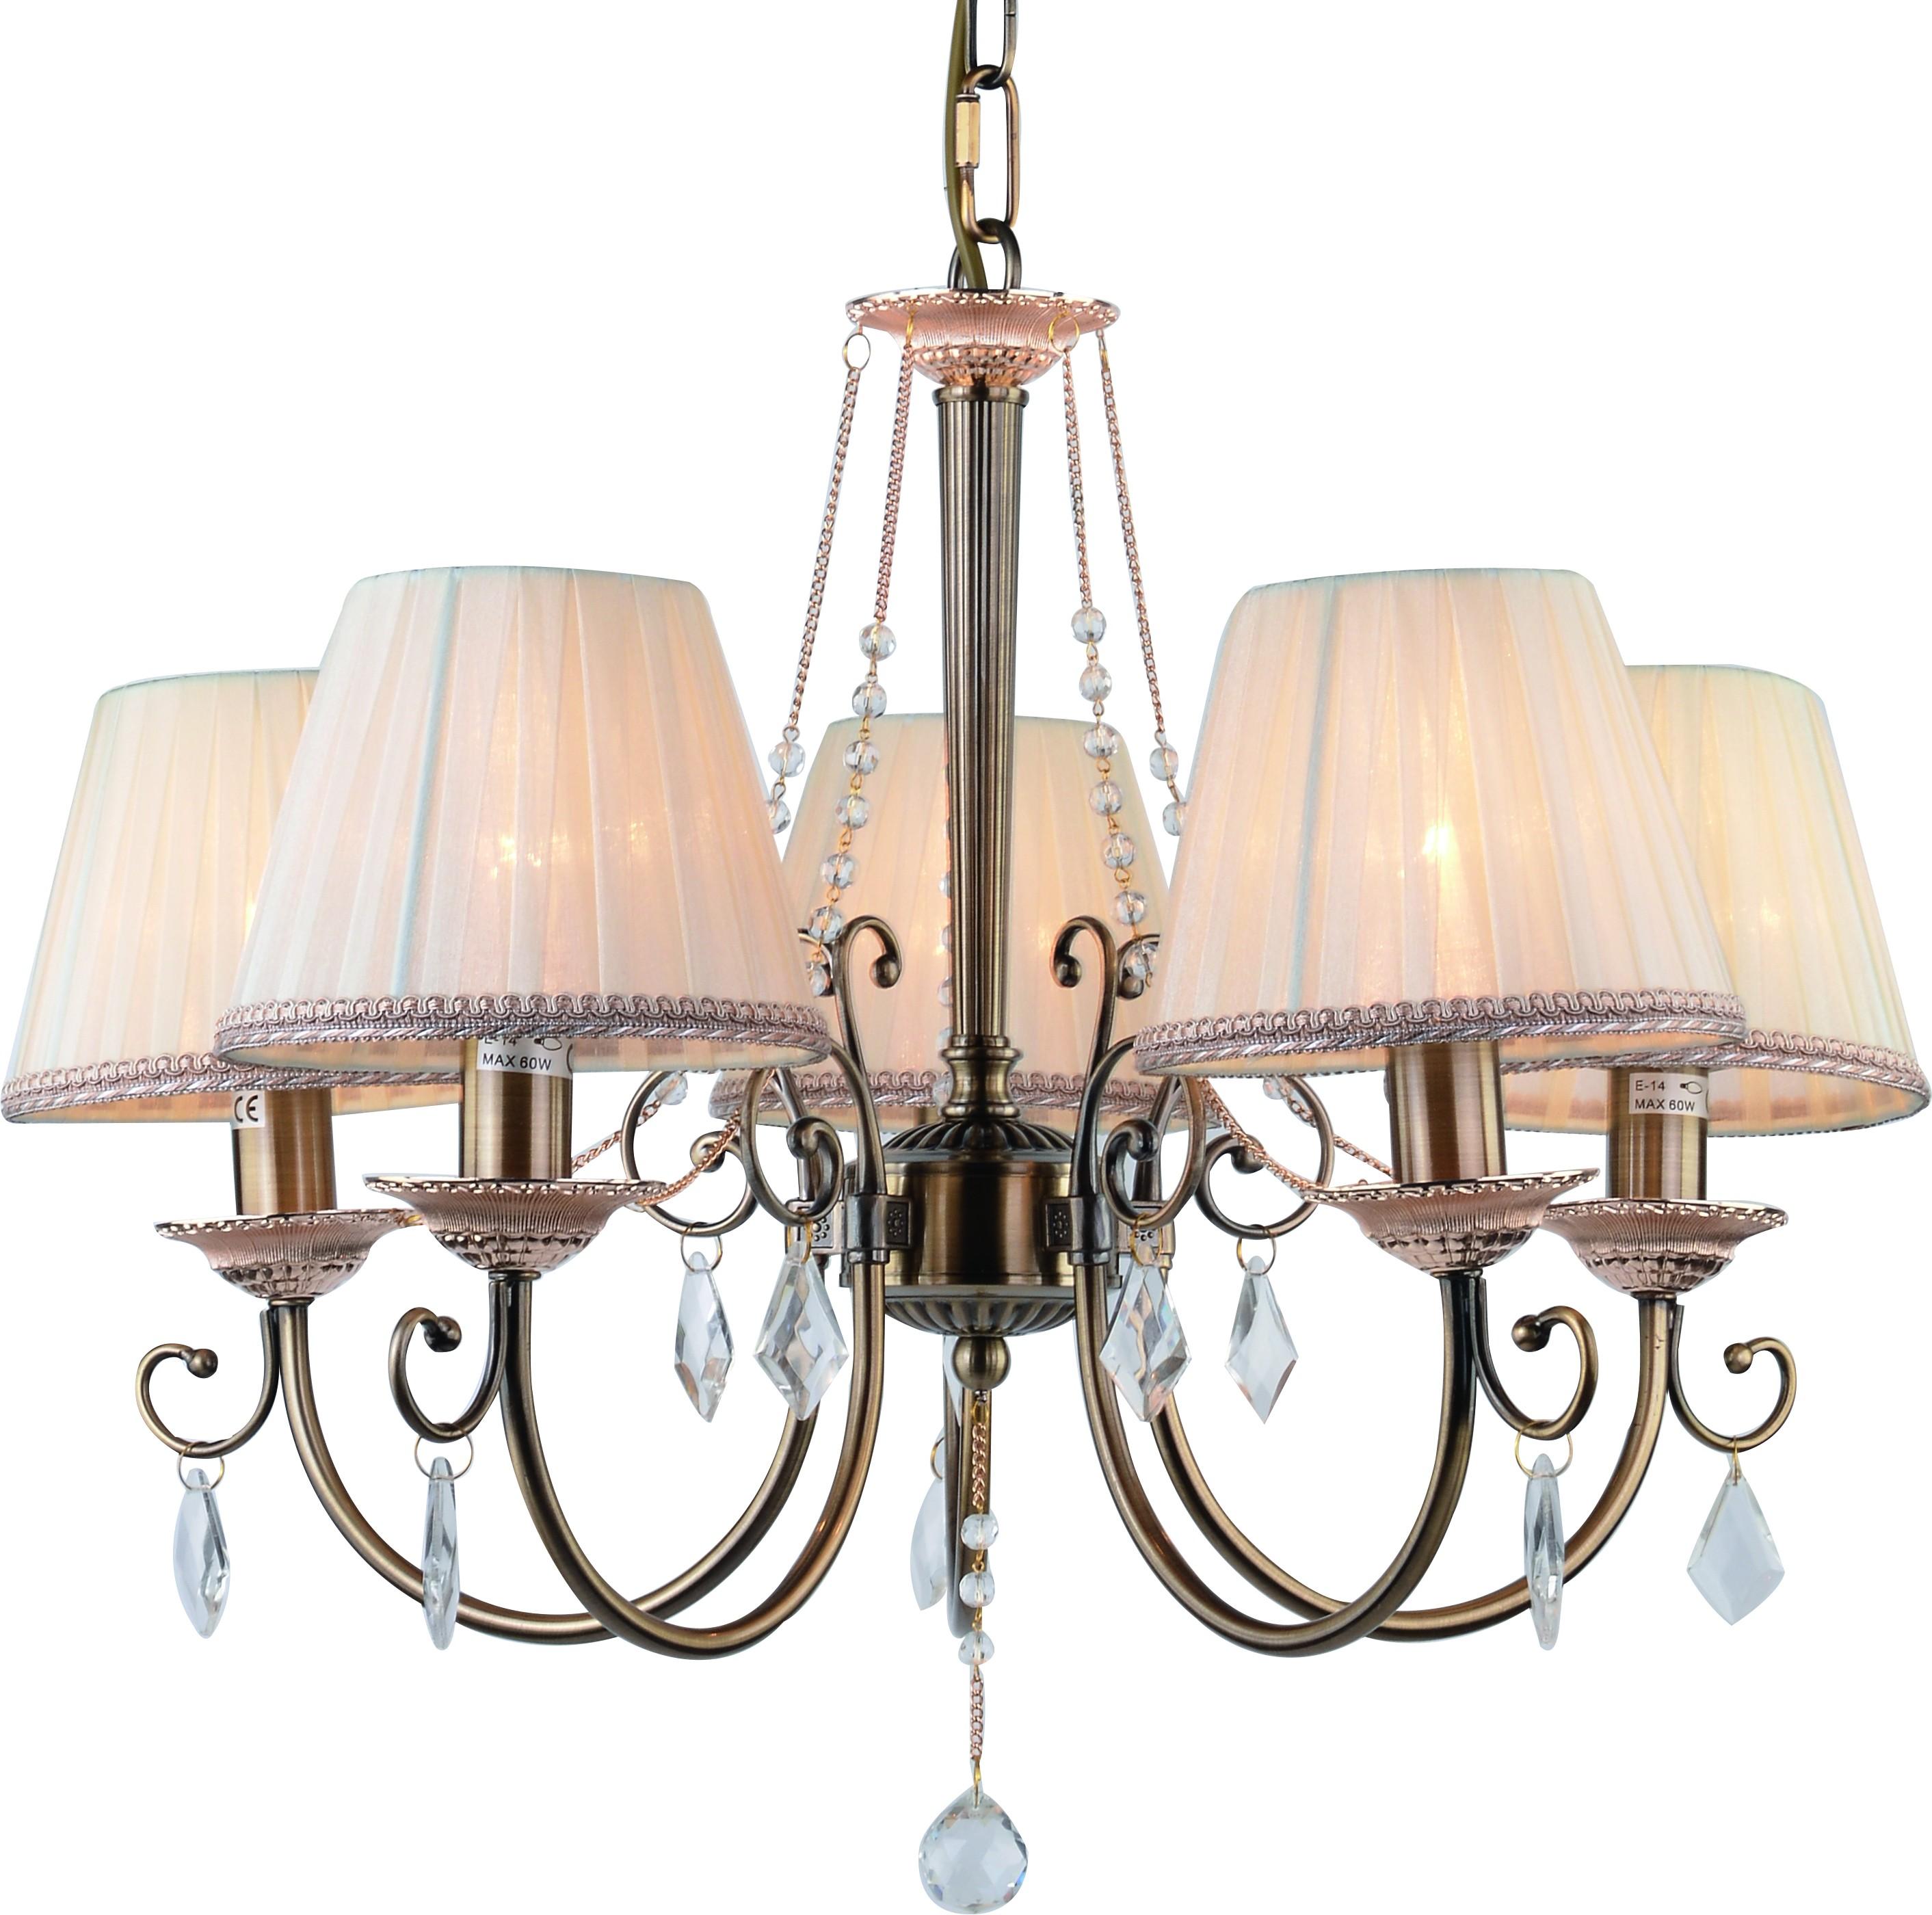 Люстра Arte lamp A6021lm-5ab arte lamp люстра arte lamp a7556pl 5ab